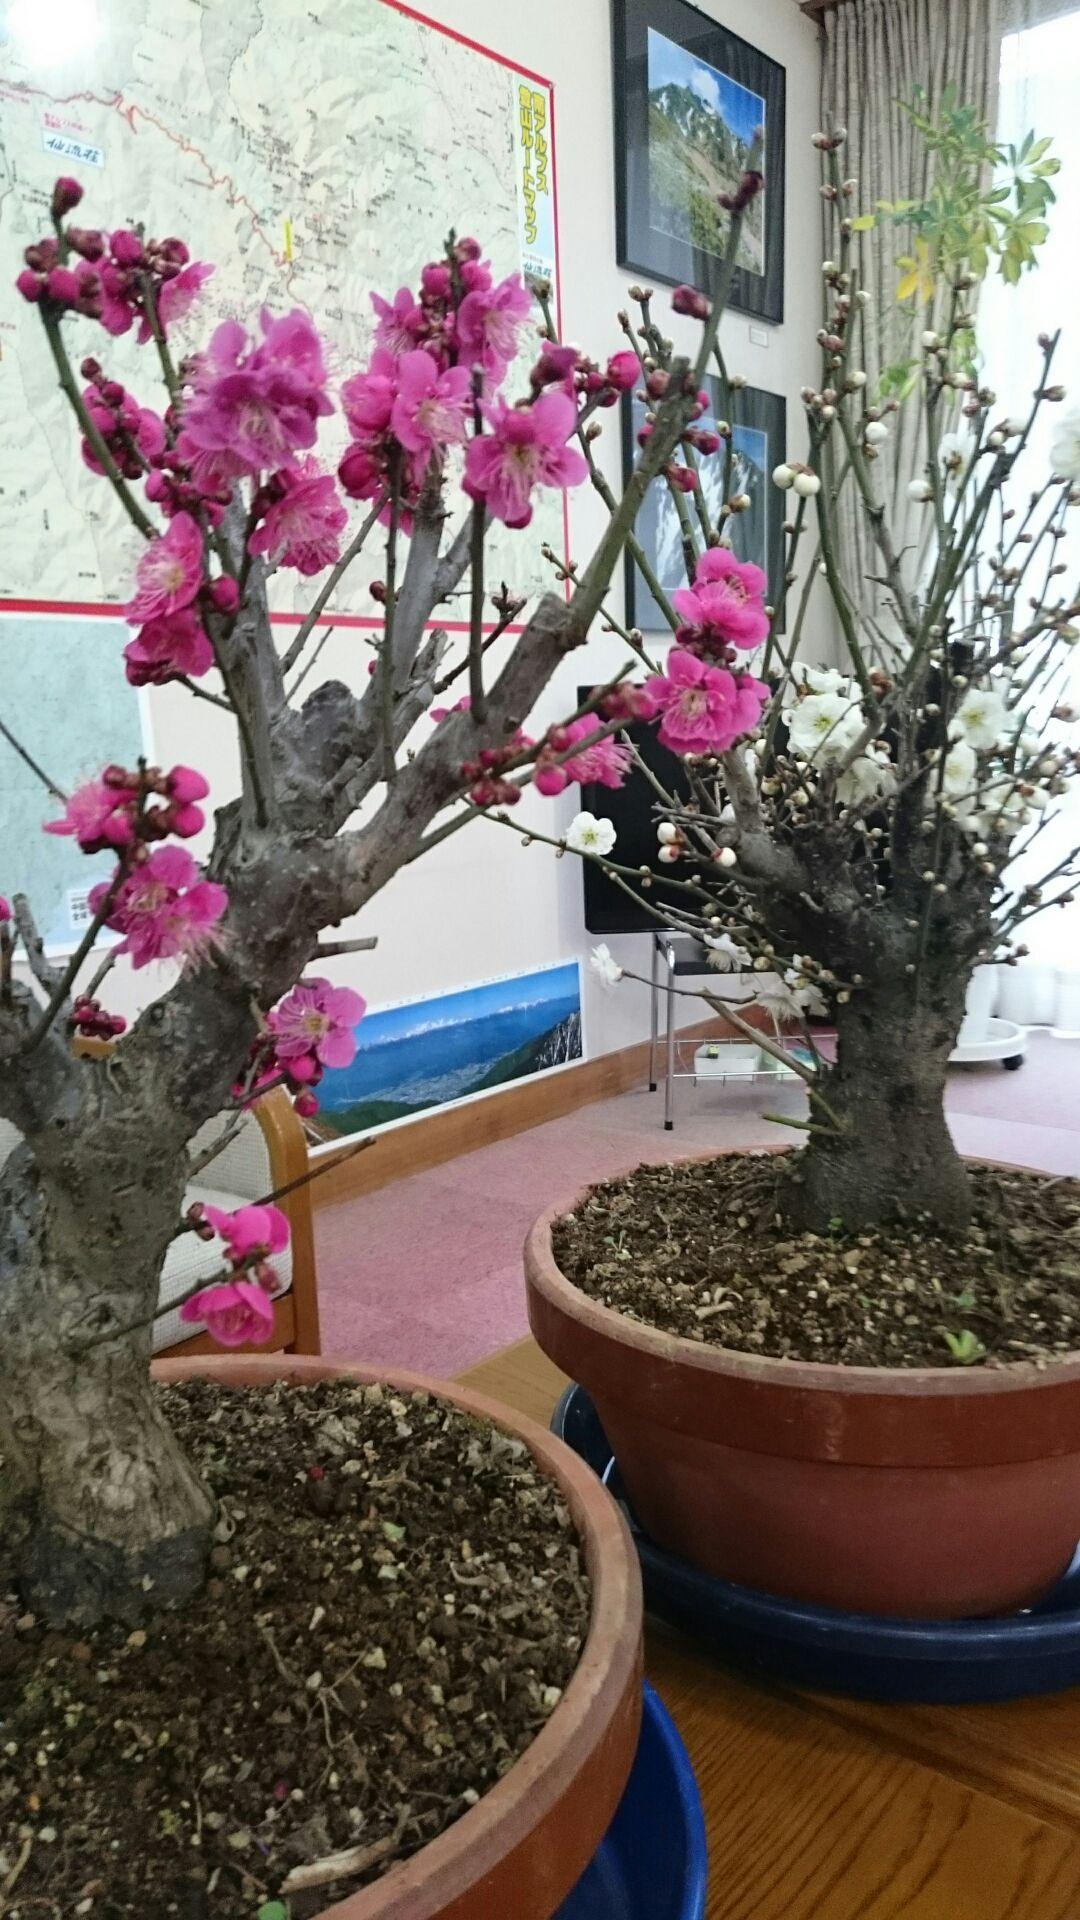 🌺館内の≪梅≫が咲き始めました🌺